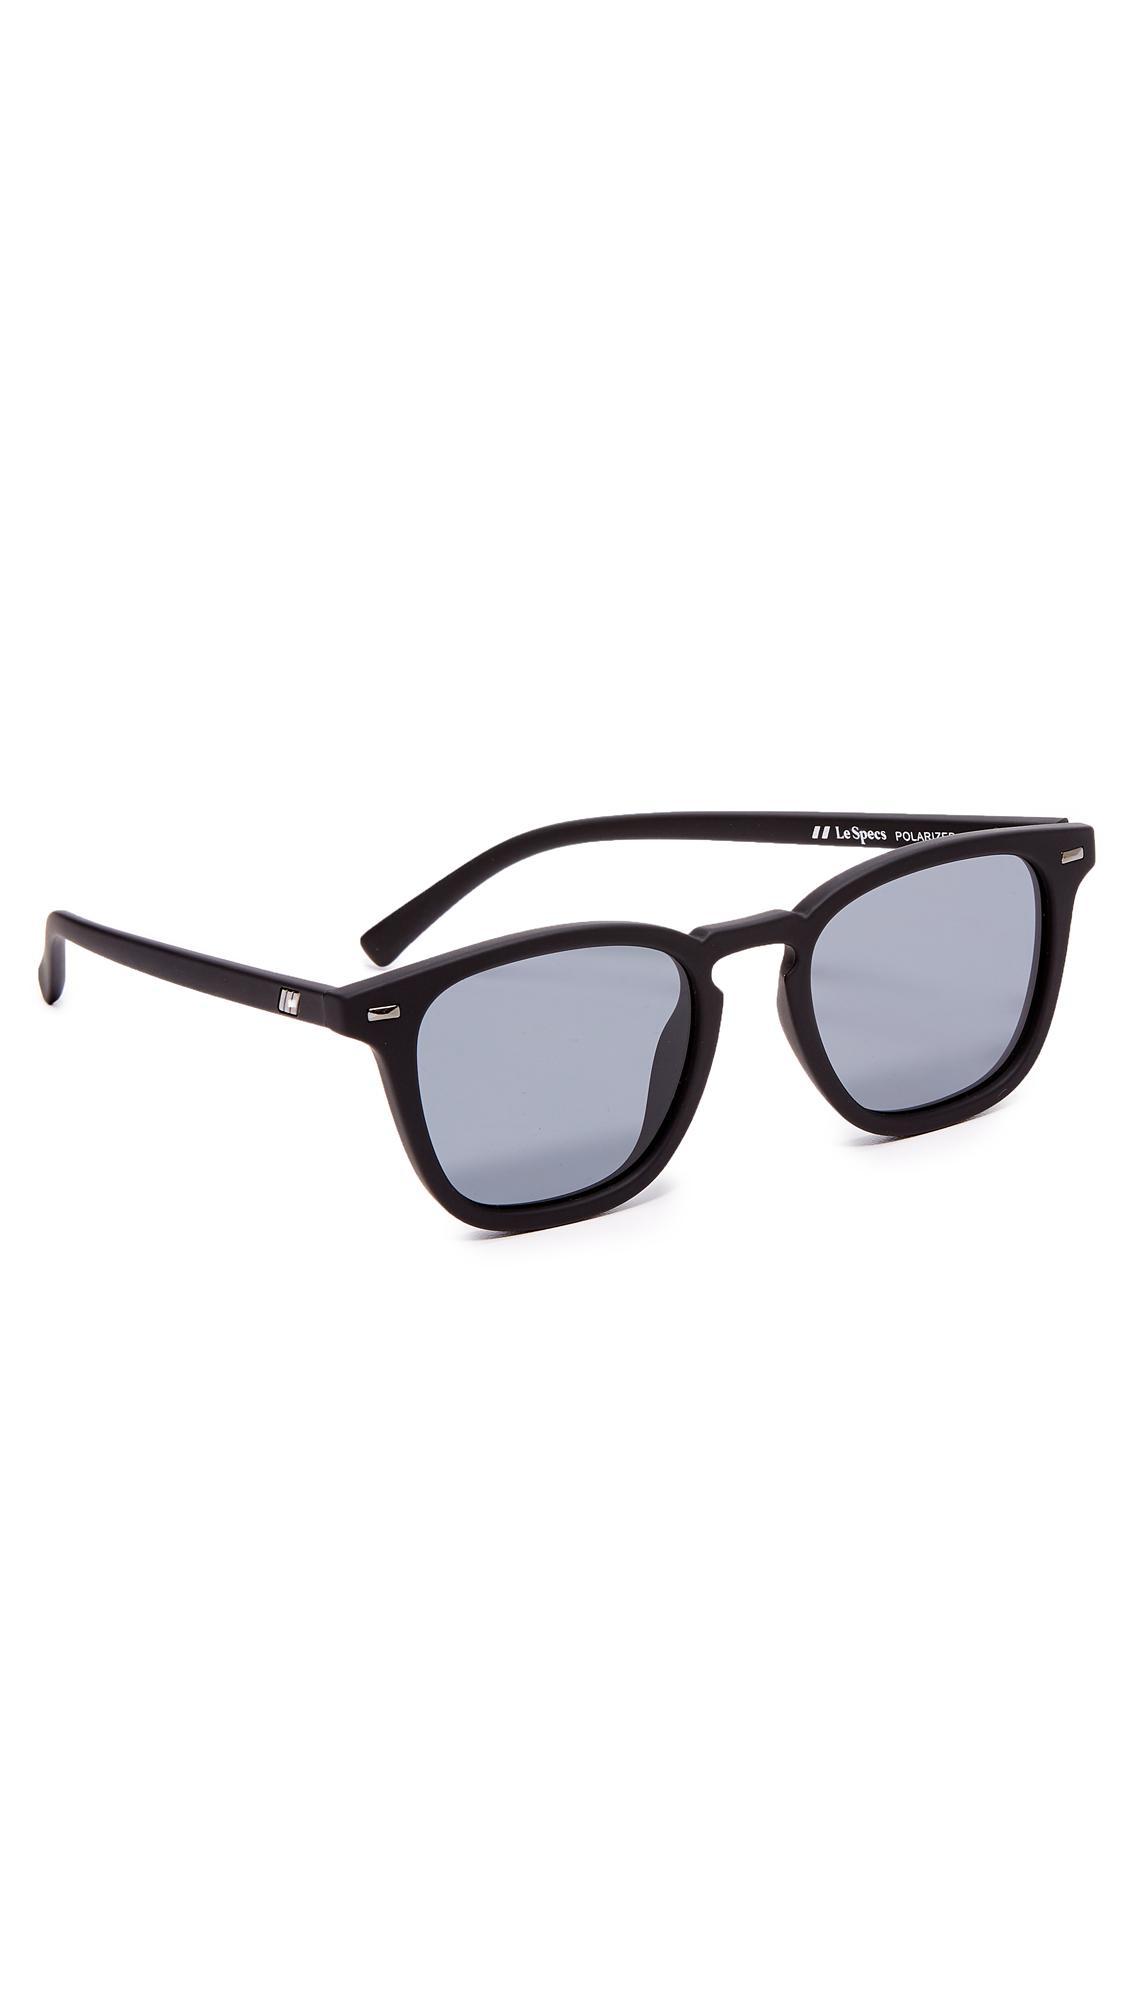 e53cbf9aa5 Le Specs No Biggie Sunglasses in Black for Men - Lyst